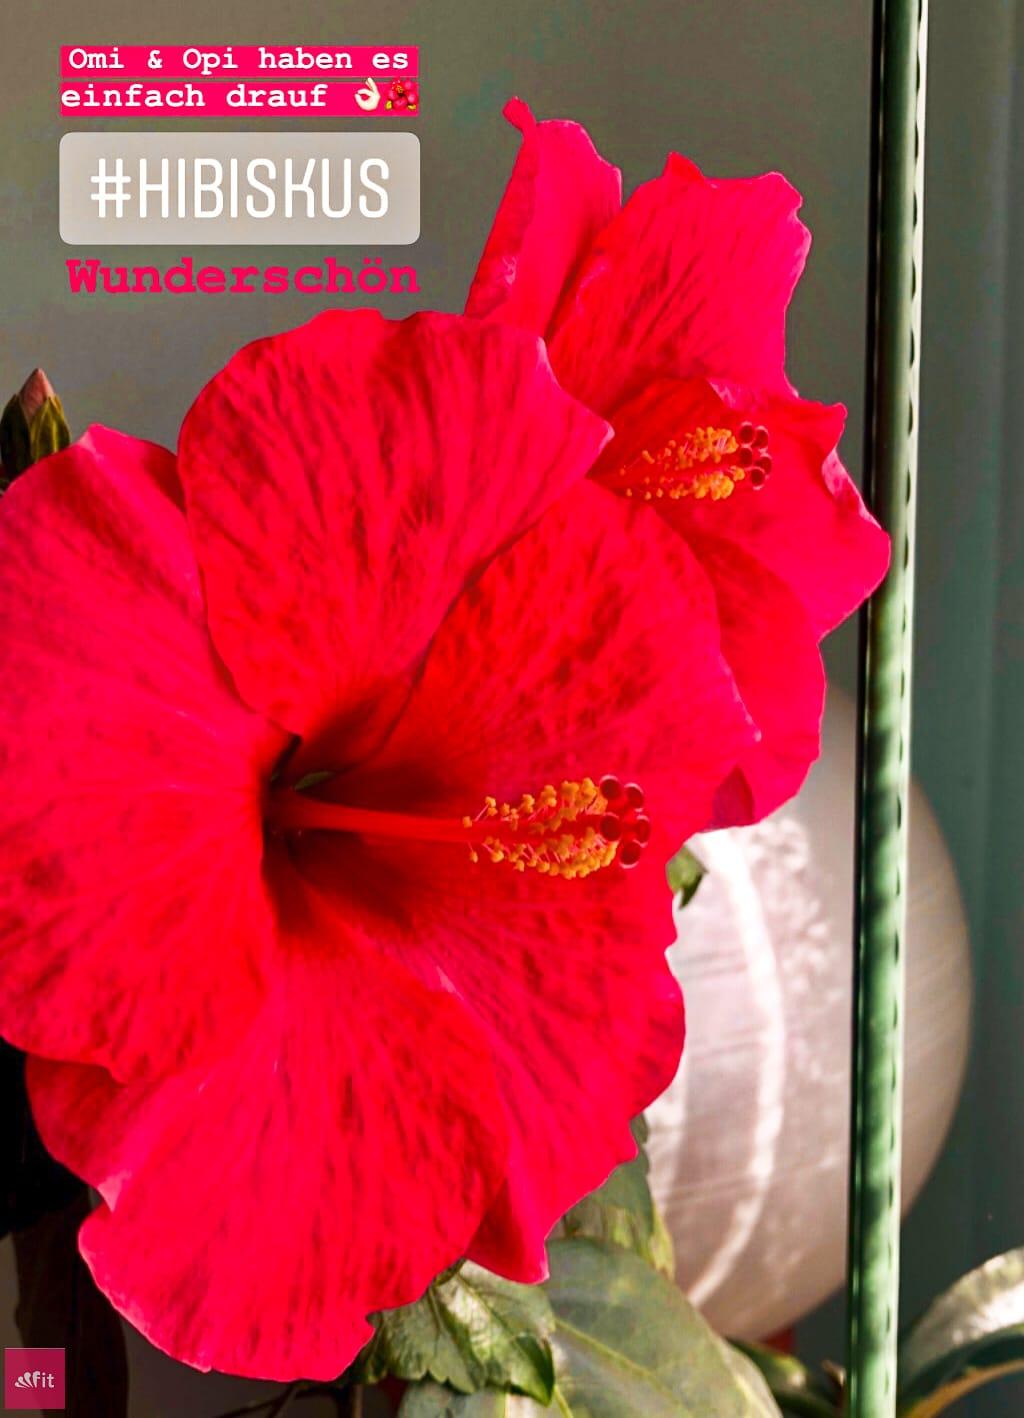 #HAARE #HAARKUR #HAARPFLEGE Wild Hibiskus #Haarmaske von Mermaid + Me // Lasst uns nun zu der wohl weiblichsten Haarmaske kommen in rosa, der Wild Hibiskus Maske. Ich war am Wochenende meine Großeltern besuchen und mein Opa ist ja der super Gärtner. Die beiden haben im Schlafzimmer so unglaublich schöne Pflanzen und ihr Hibiskus blüht extrem. Die Blüten strahlen richtig pink und die Wirkstoffe der Hibiskus Pflanze werden nicht nur in Haarkuren (Werbung) #mermaidme